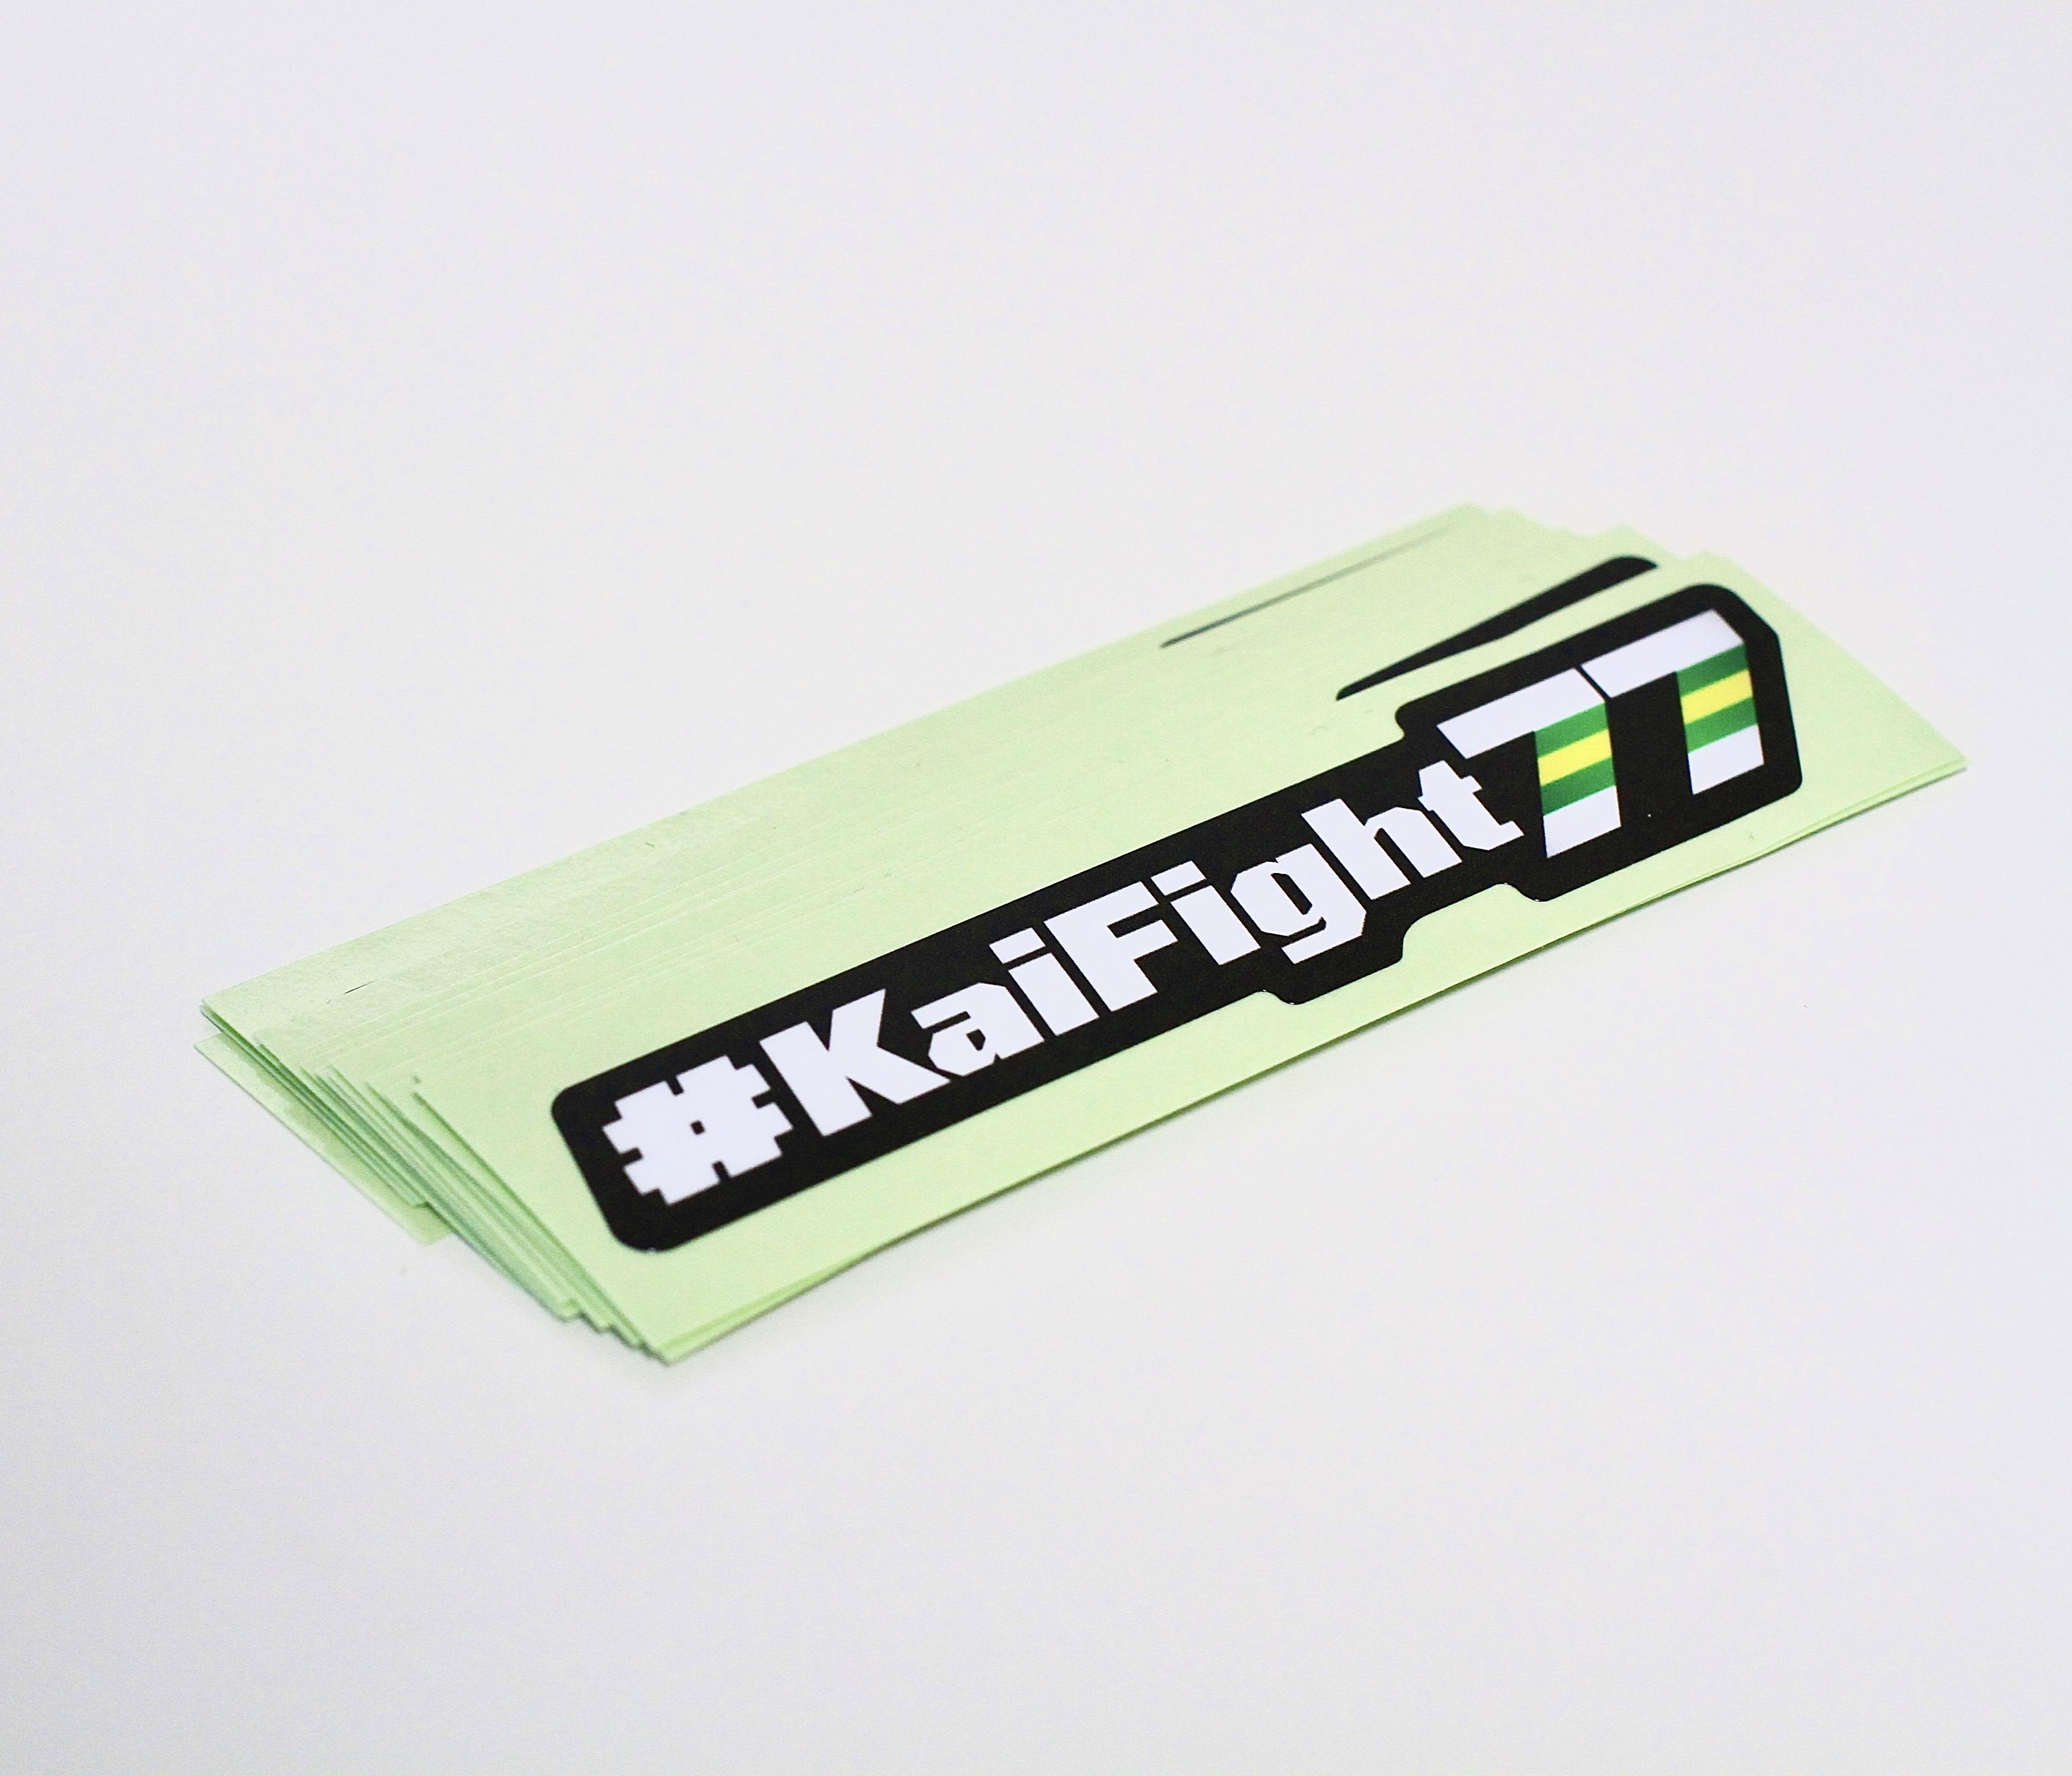 榊原魁のリハビリをサポートする「#Kaifight77ステッカー」発売のお知らせ